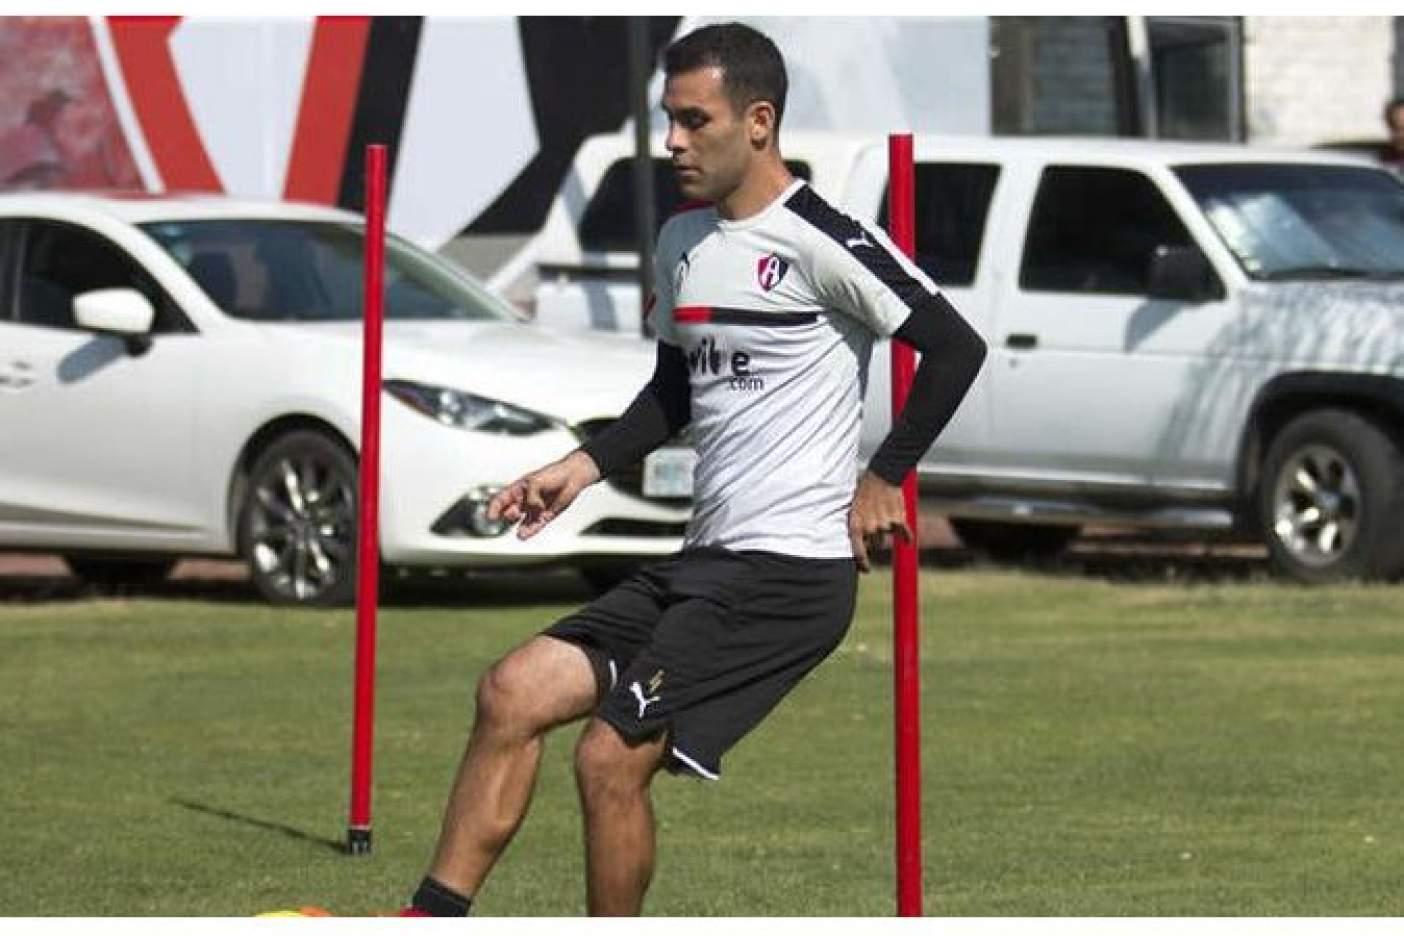 Cierran investigación de Rafa Márquez por falta de pruebas